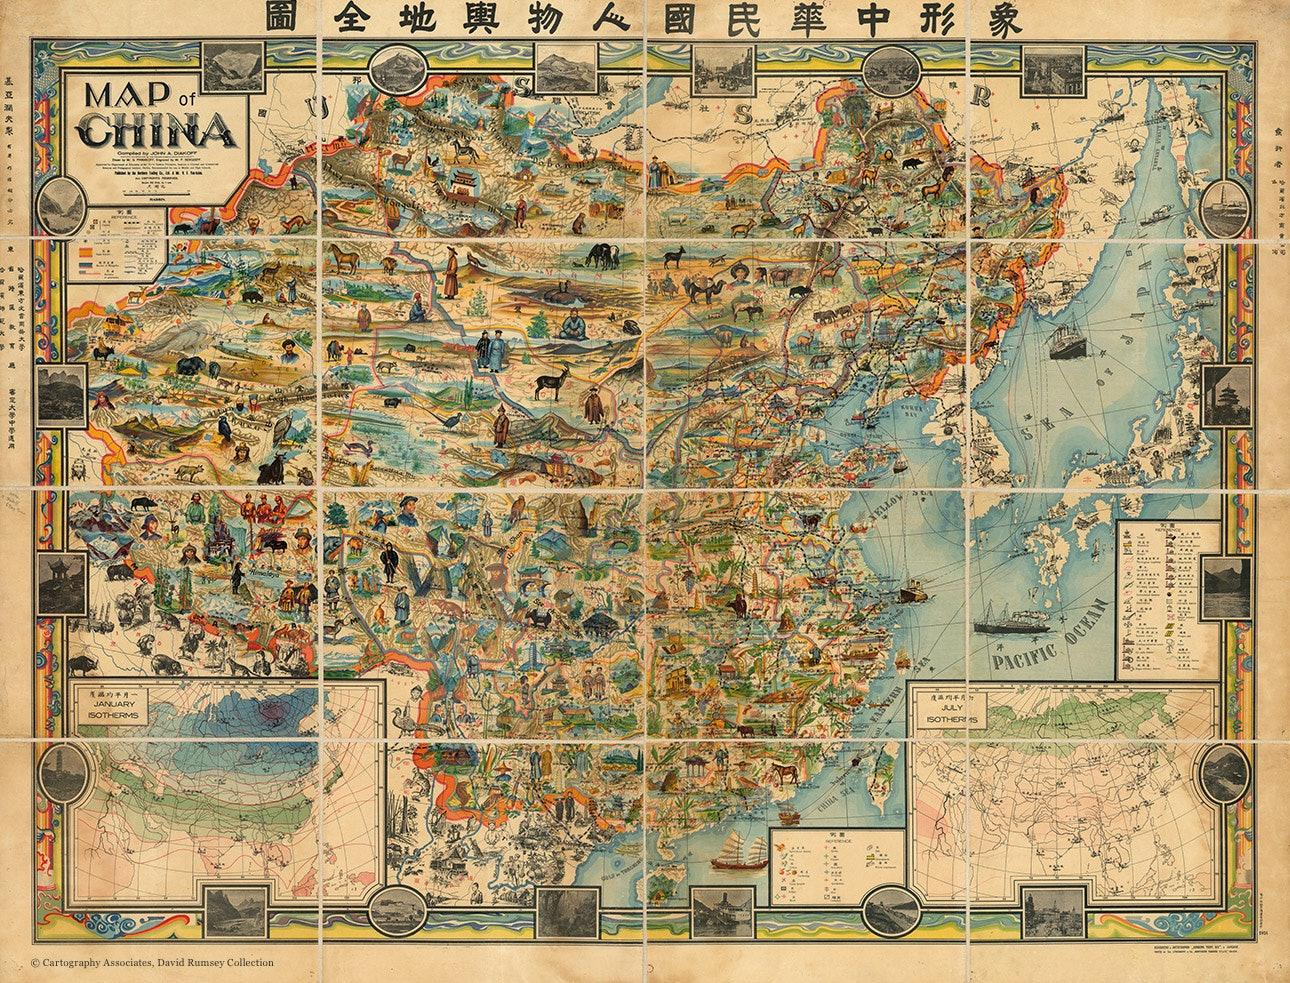 Map-of-China.-Compiled-by-John-A.-Diakoff